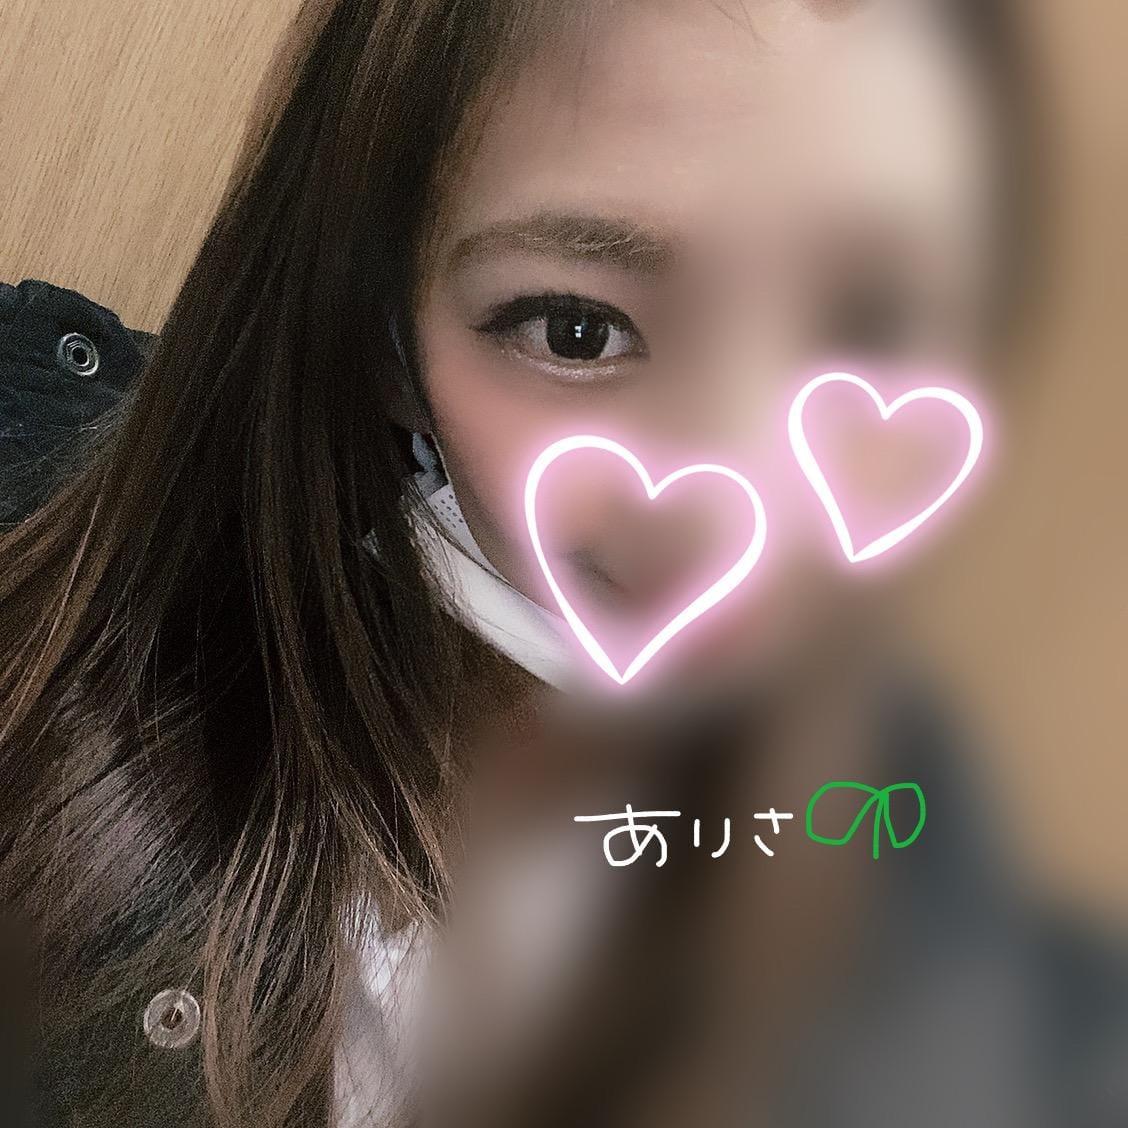 「こんばんは☆*°」12/13(日) 19:14 | 亜梨沙~ありさ~の写メ・風俗動画